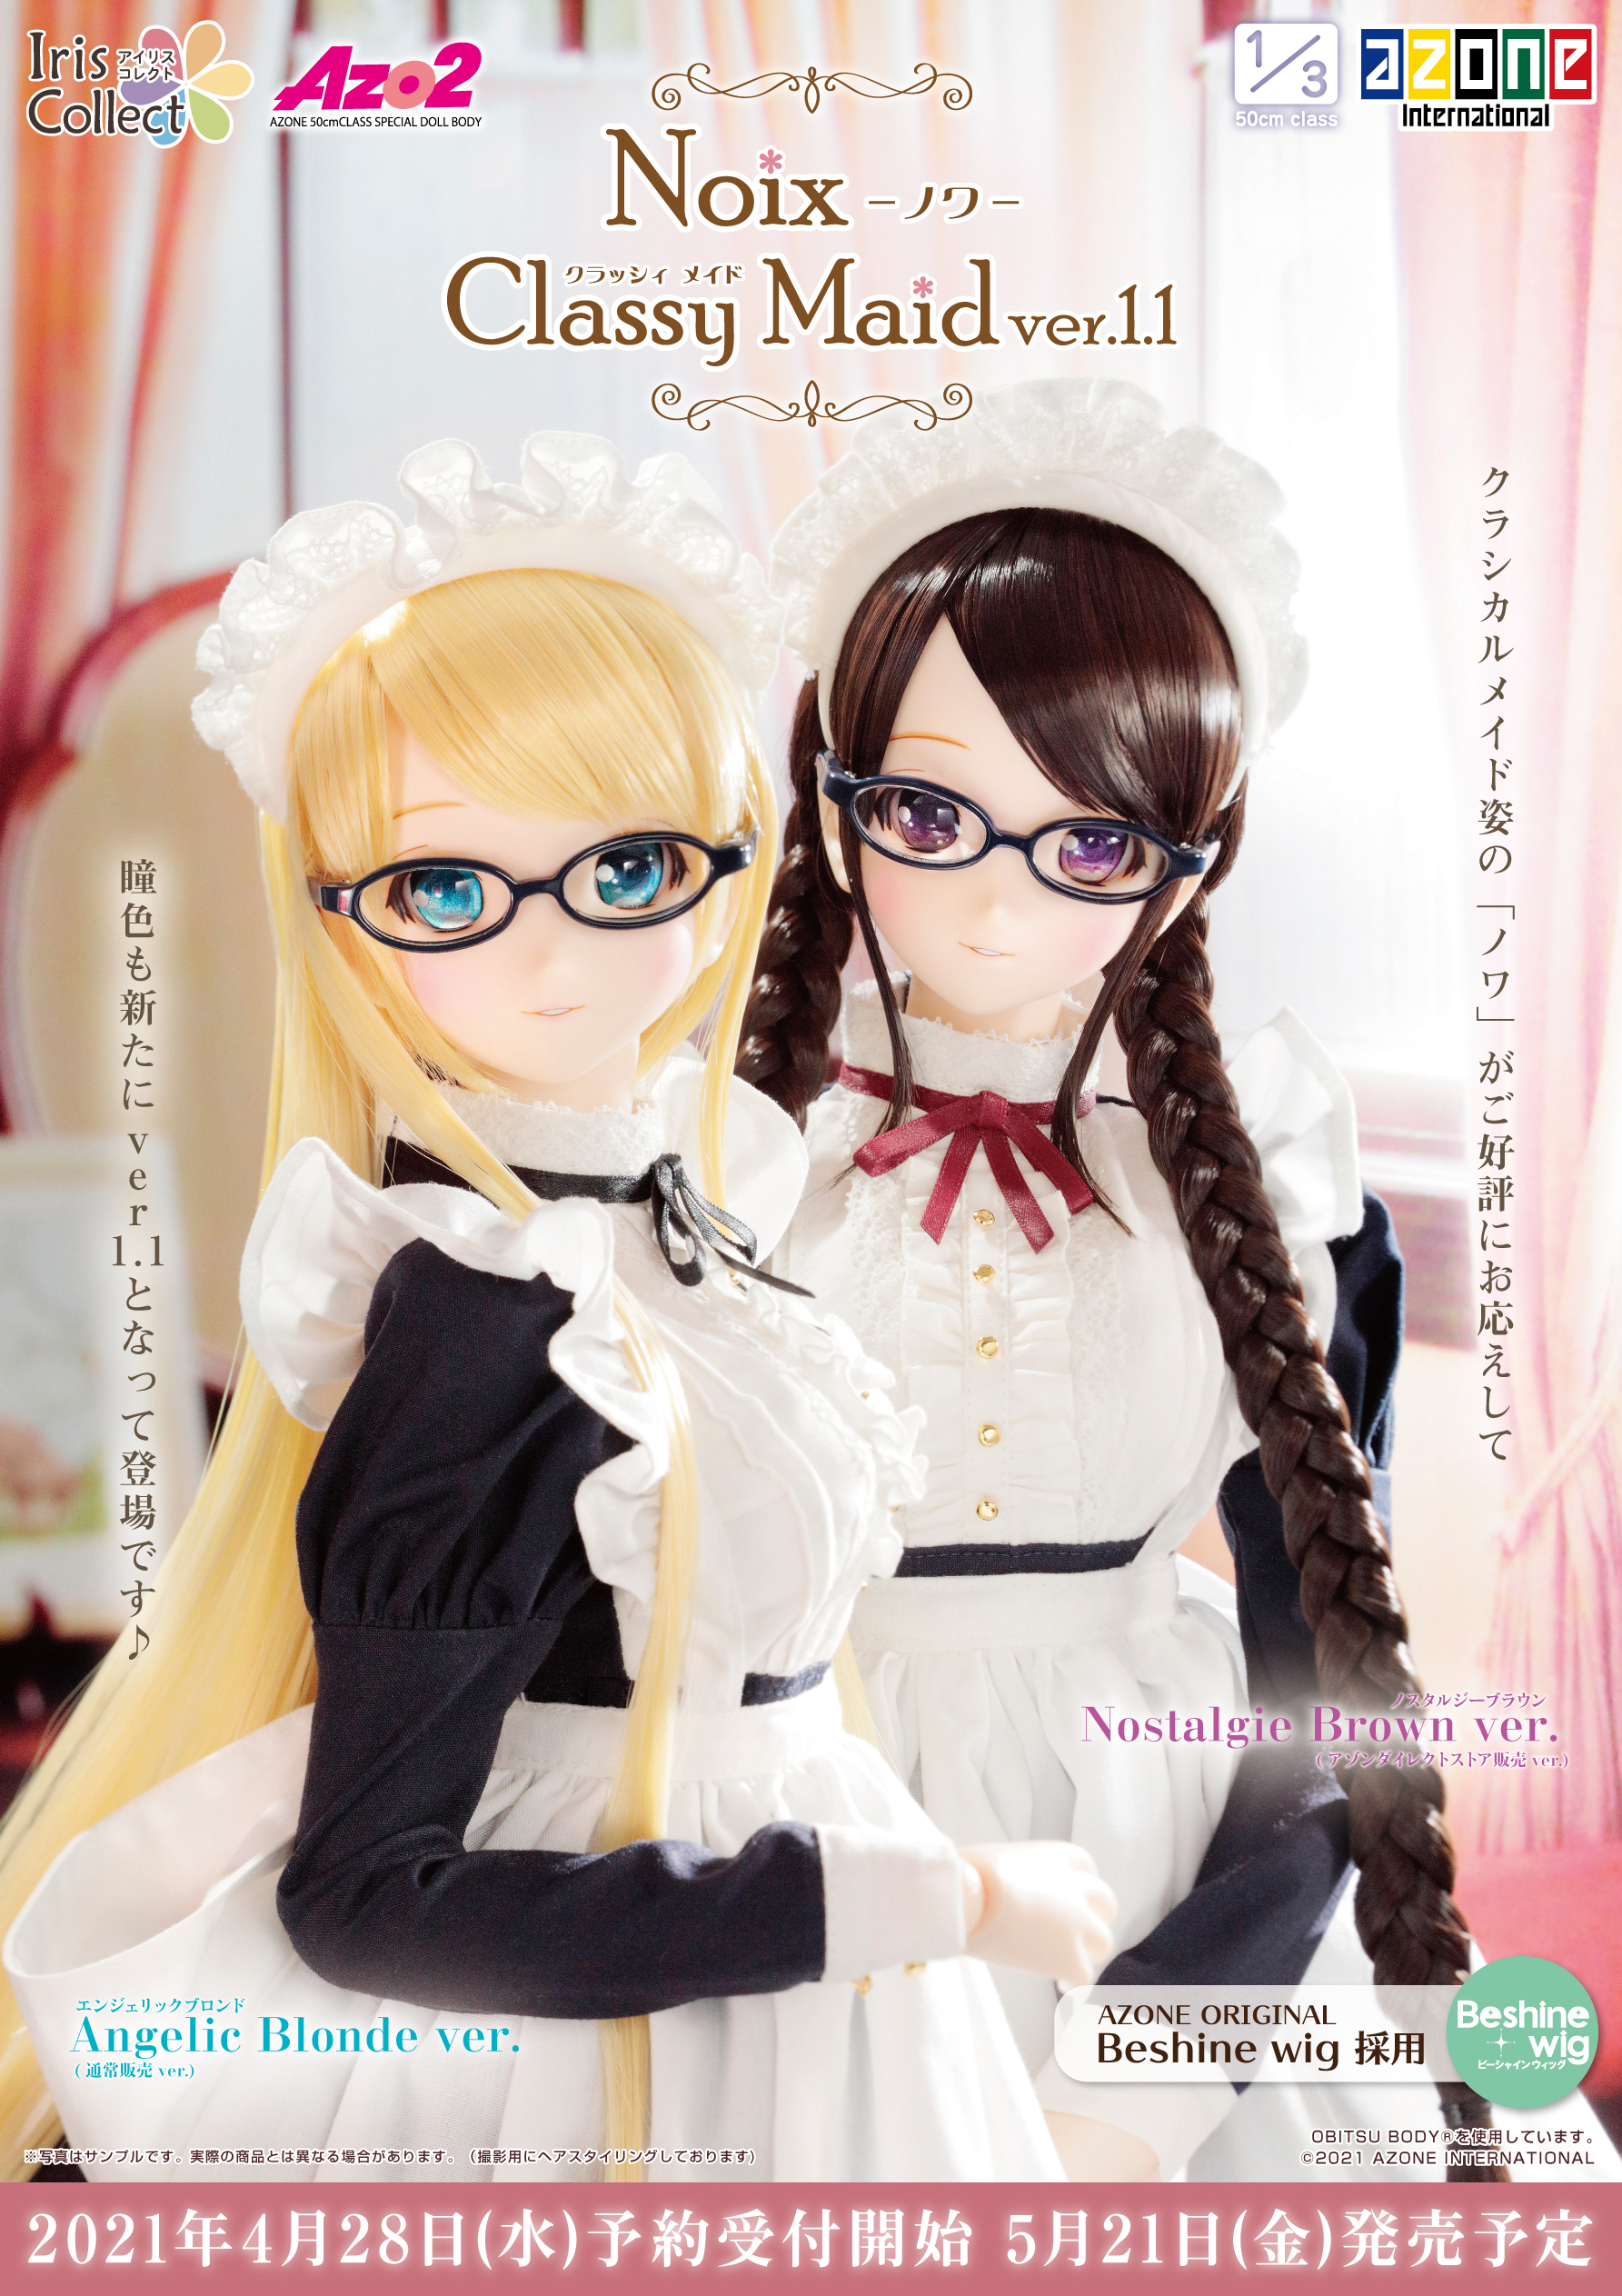 ノワ/Classy Maid ver.1.1